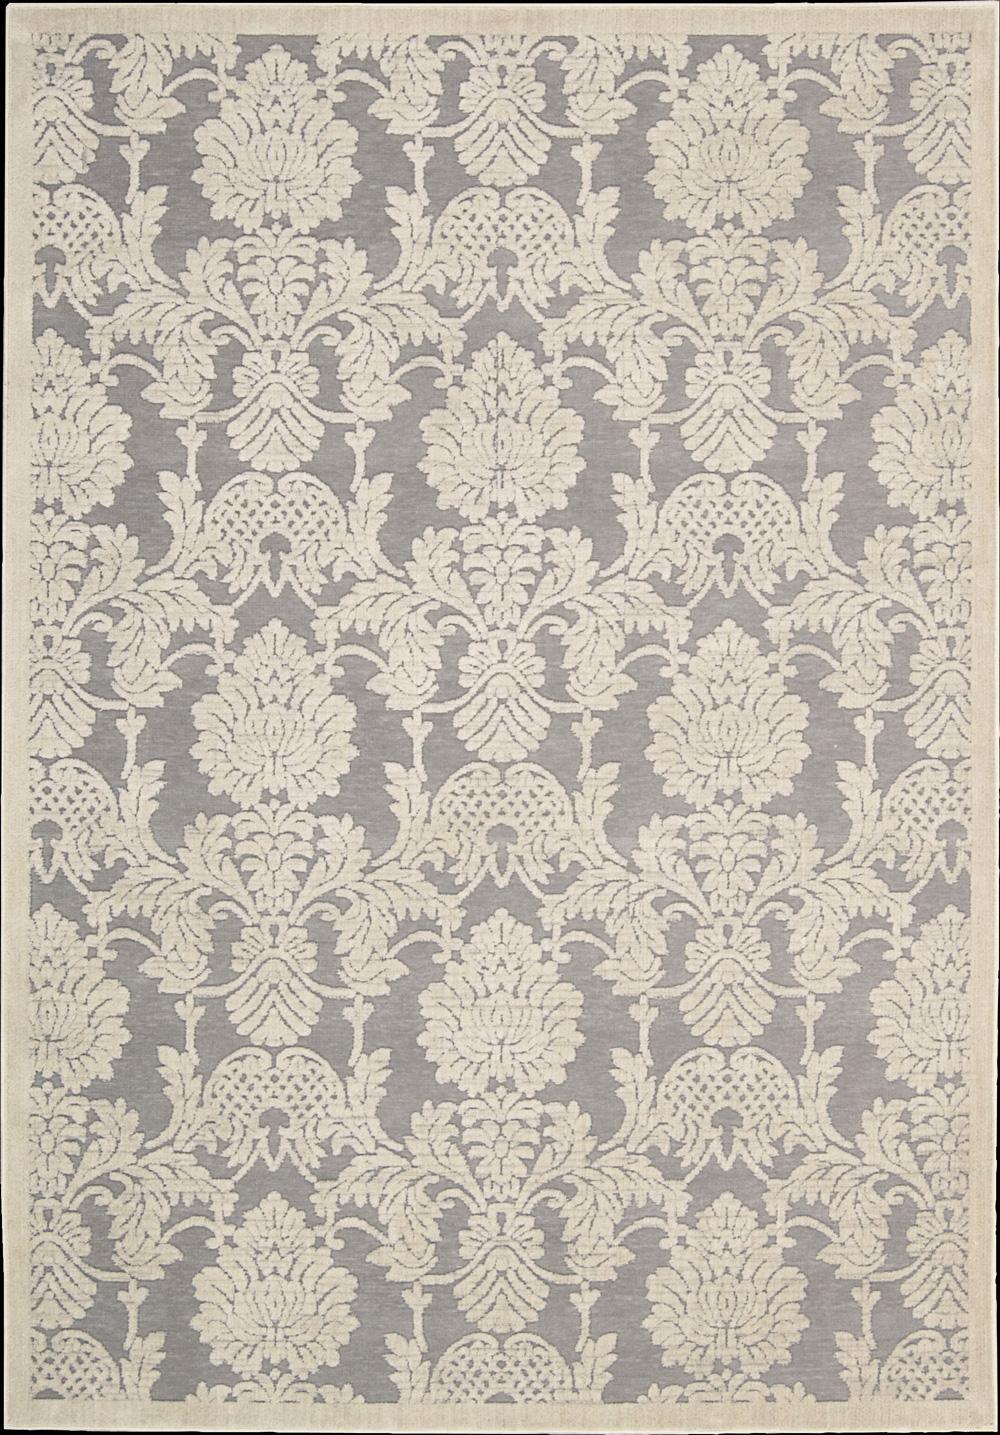 """Nourison Graphic Illusions Area Rug 7'9"""" x 10'10"""" - Item Number: 11794"""